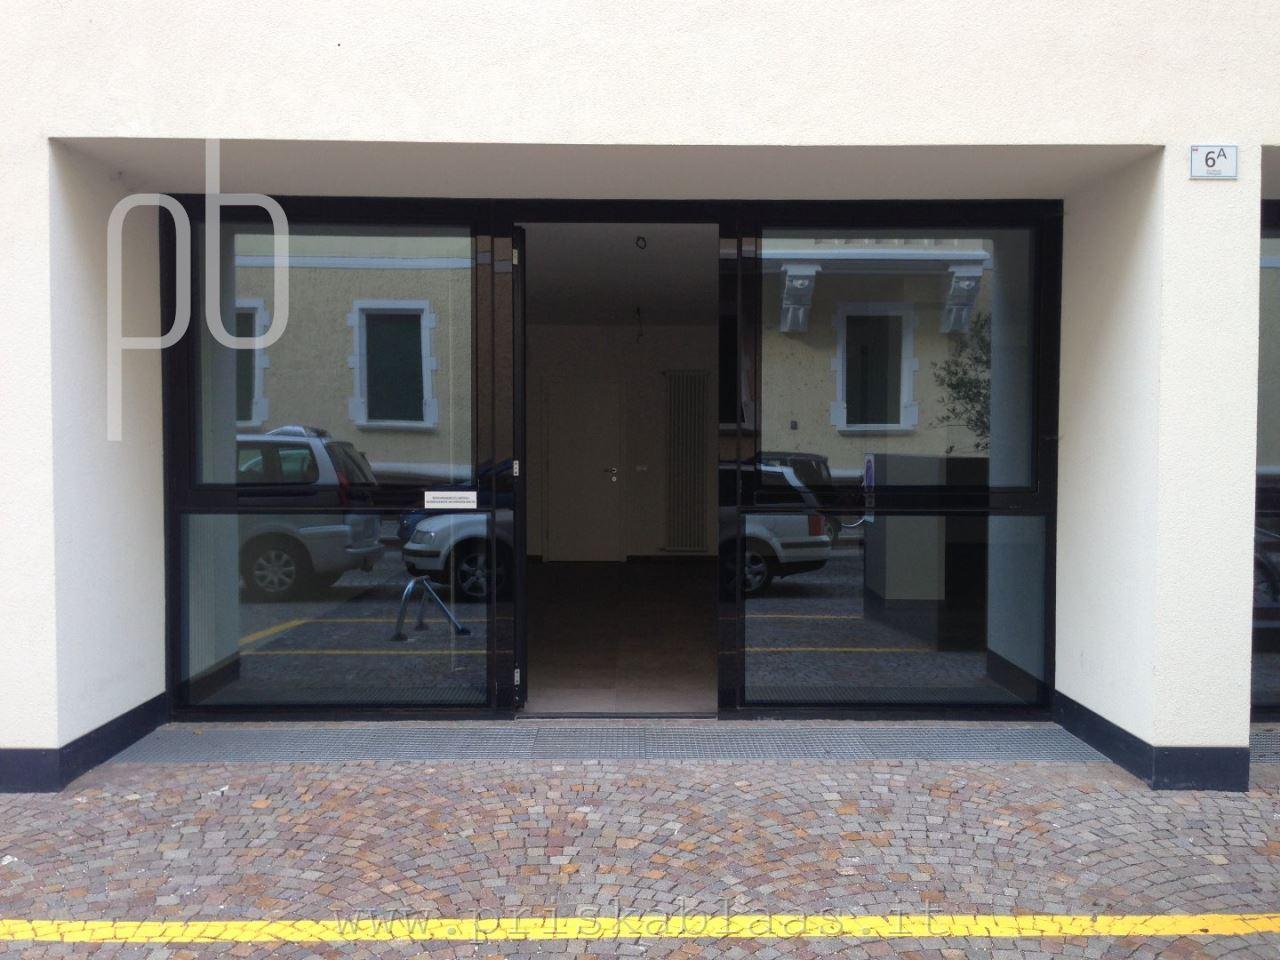 Residenziale uffici in affitto a bolzano centro cod 112 for Ufficio affitto